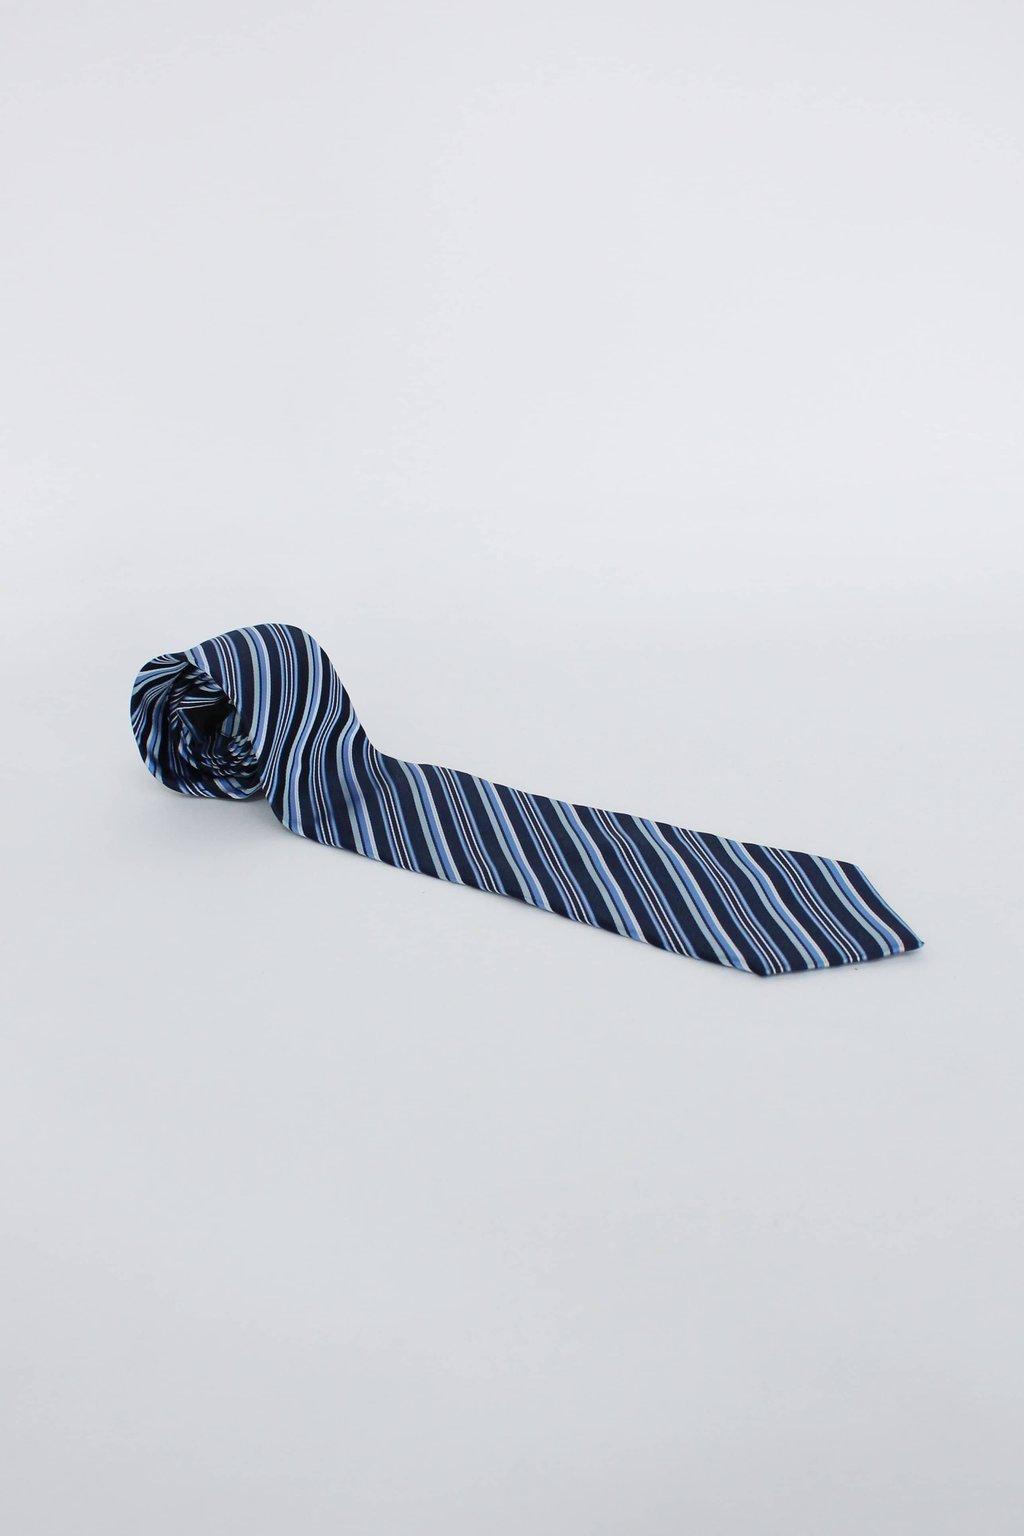 Gravata masculina listrada